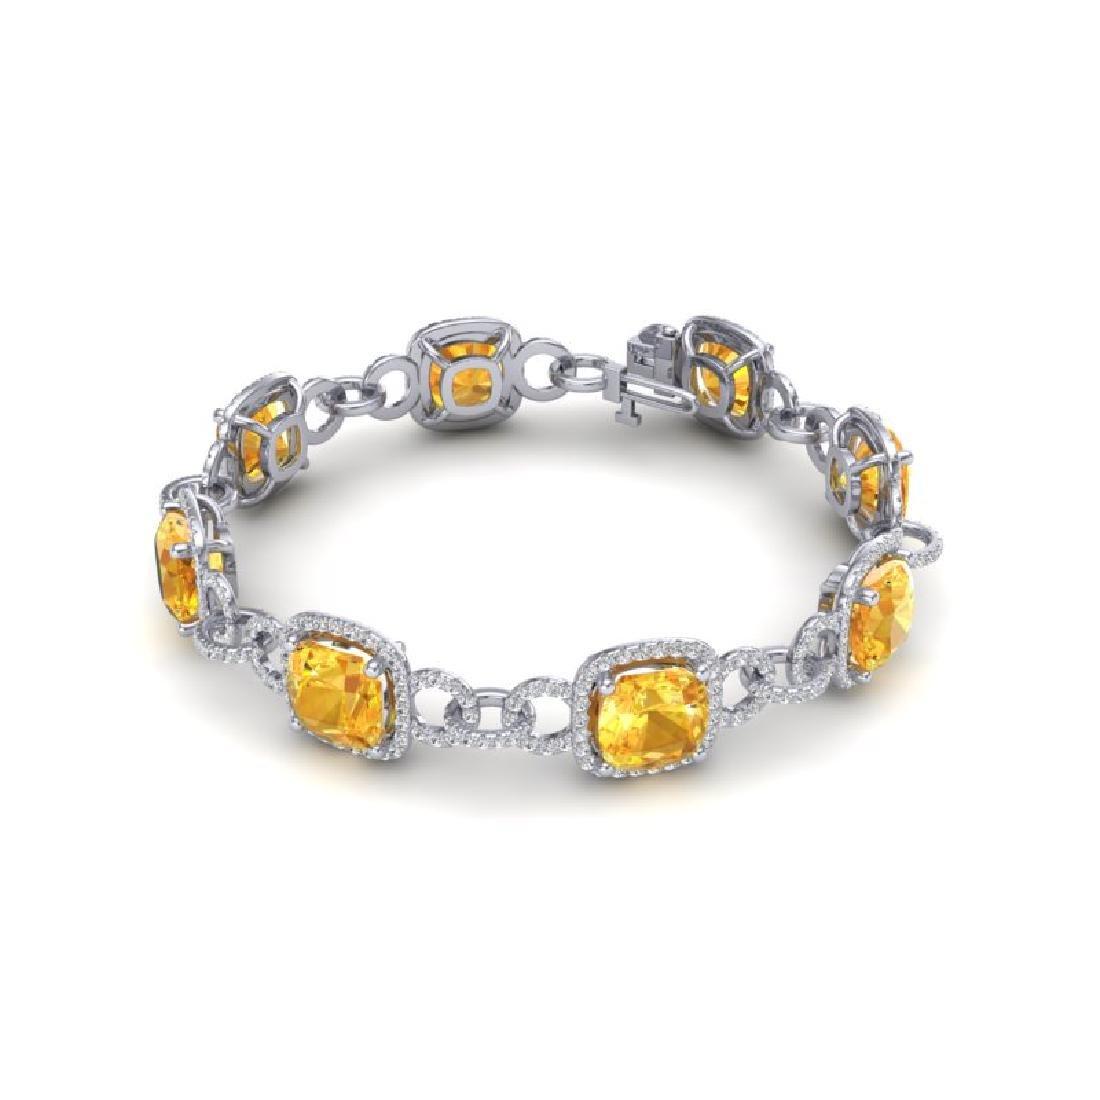 30 CTW Citrine & VS/SI Diamond Bracelet 14K White Gold - 2